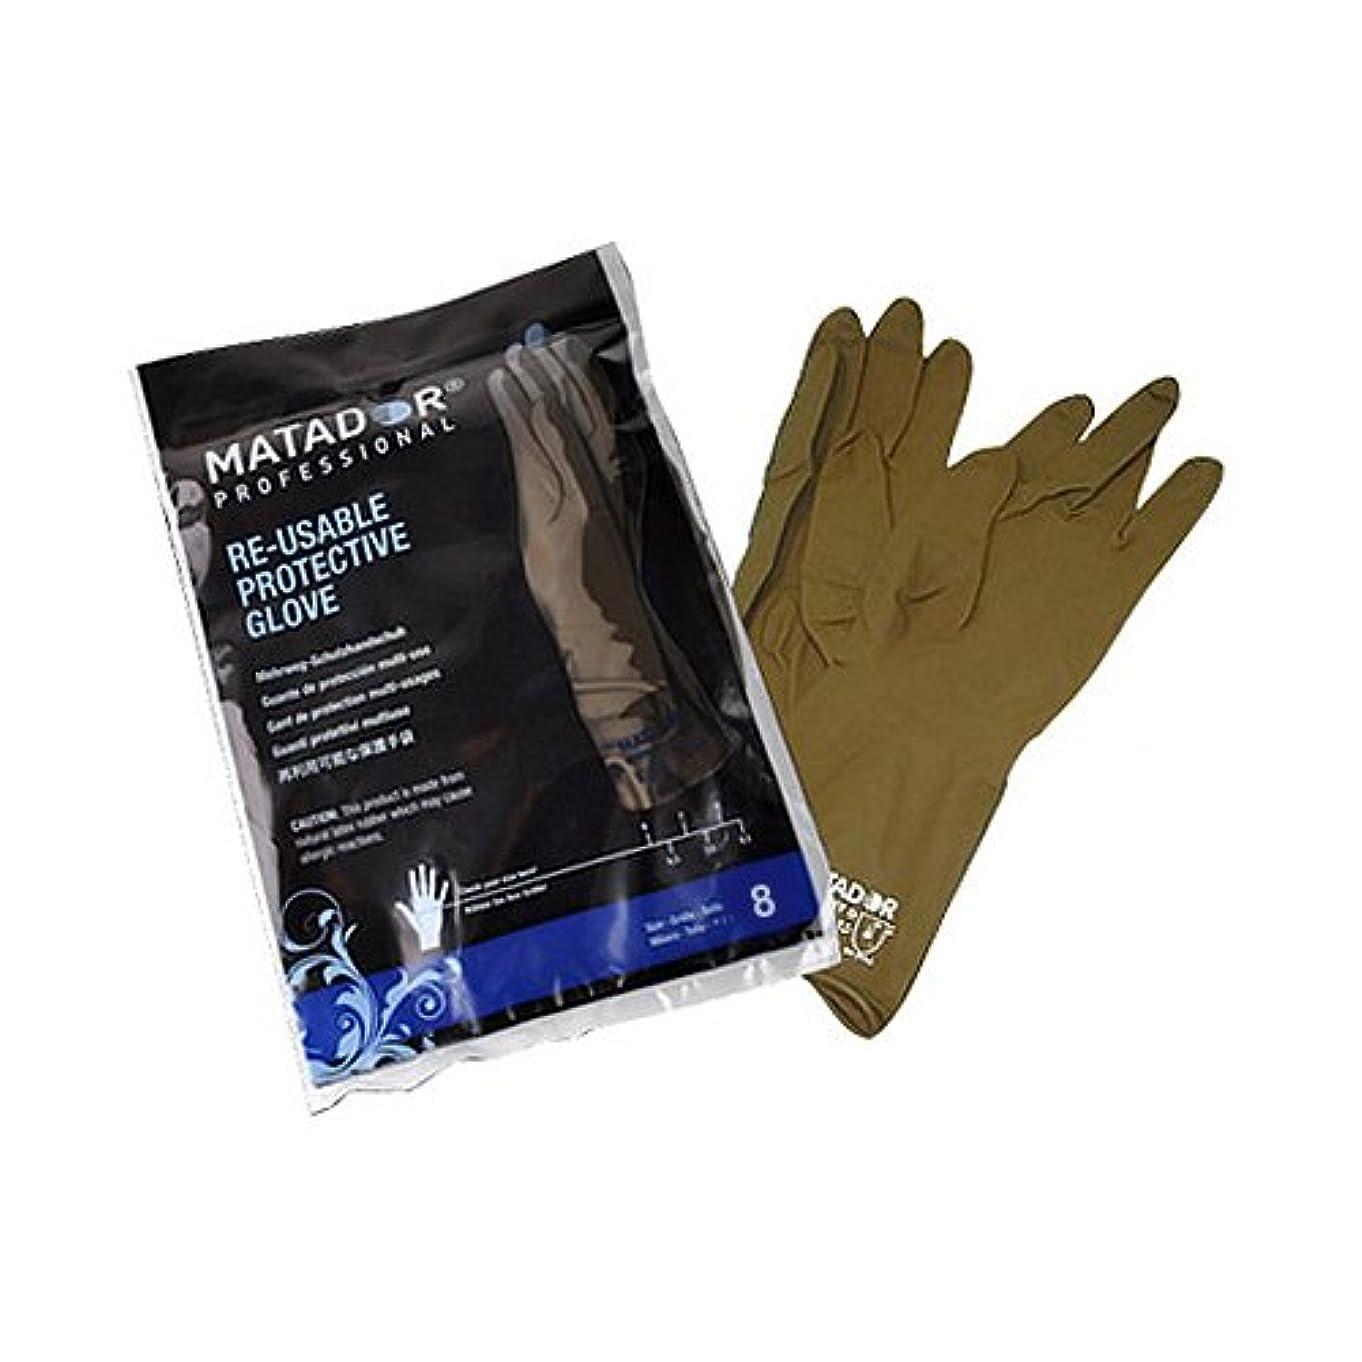 評価おばあさんバイオレットマタドールゴム手袋 8.0吋 【5個セット】